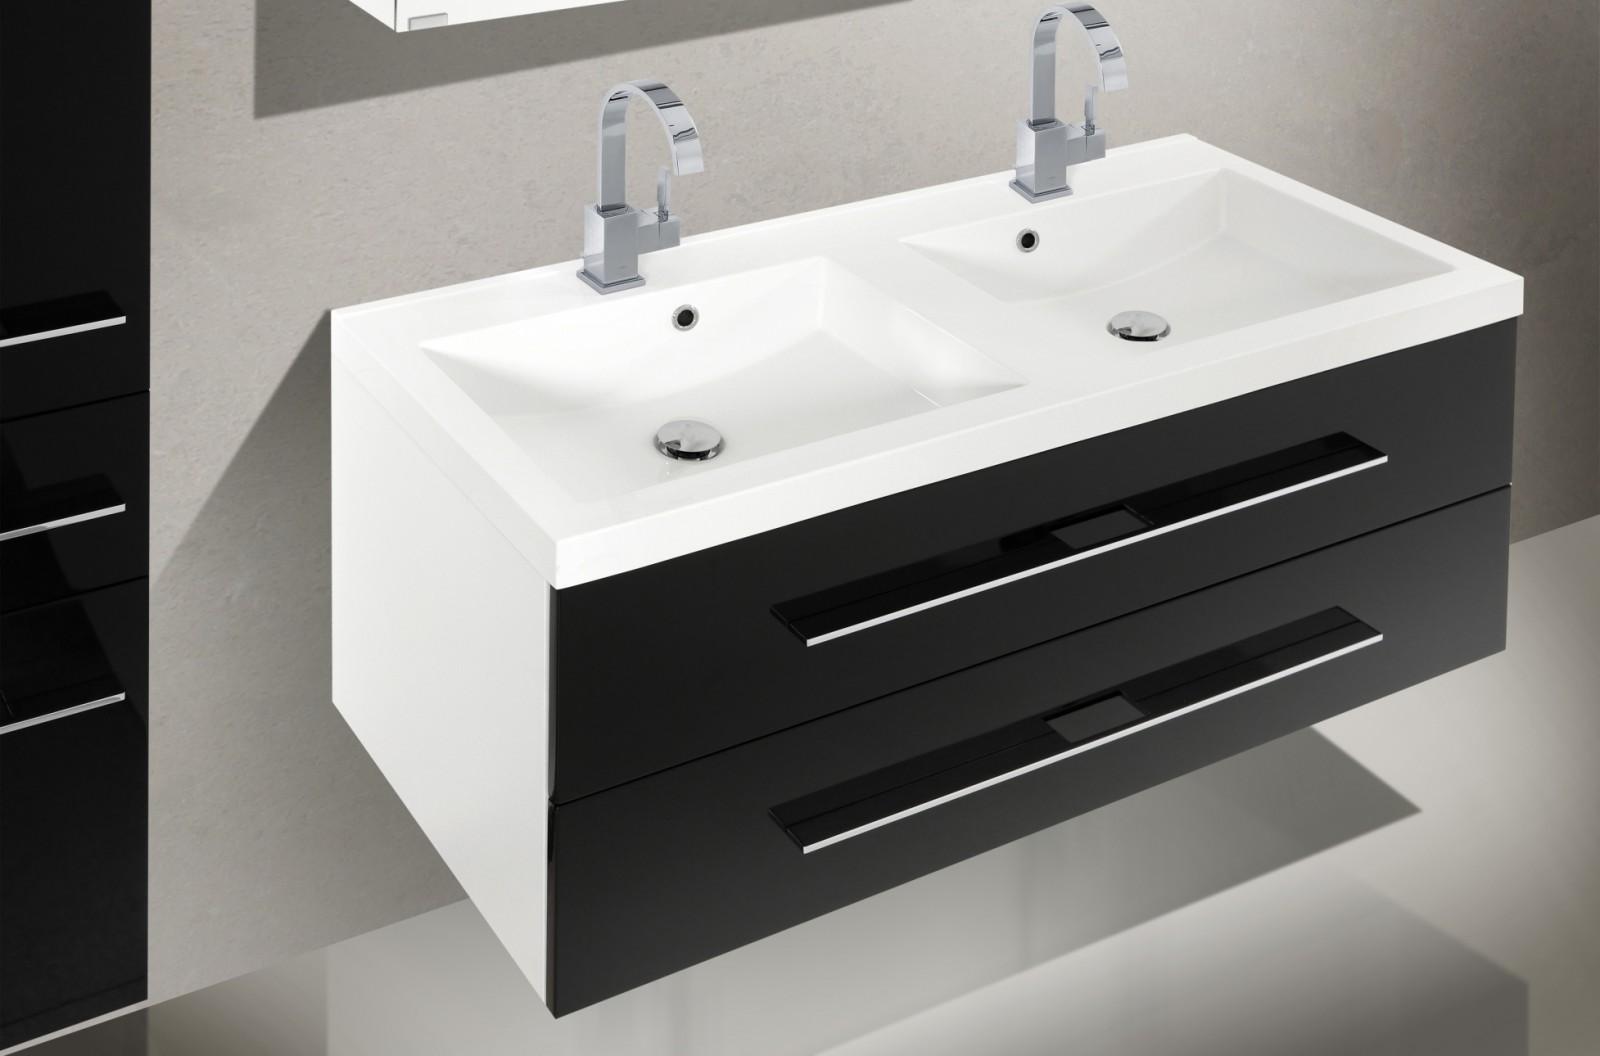 badezimmerm bel set mit waschbecken und spiegelschank 120 cm 1198. Black Bedroom Furniture Sets. Home Design Ideas